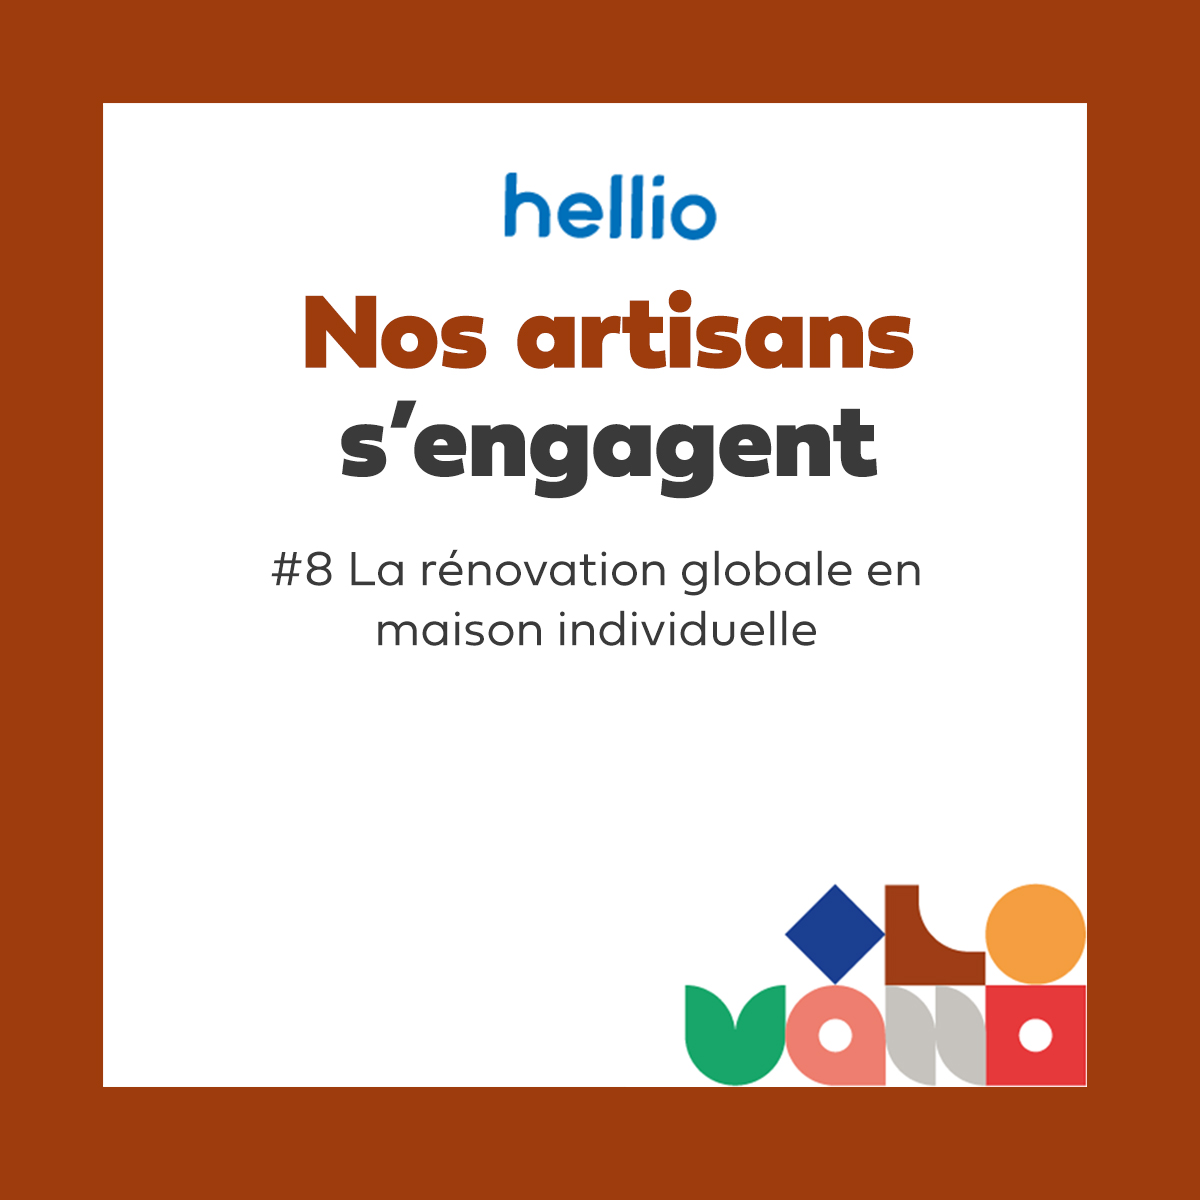 Podcast - Nos artisans s'engagent : #8 La rénovation globale en maison individuelle